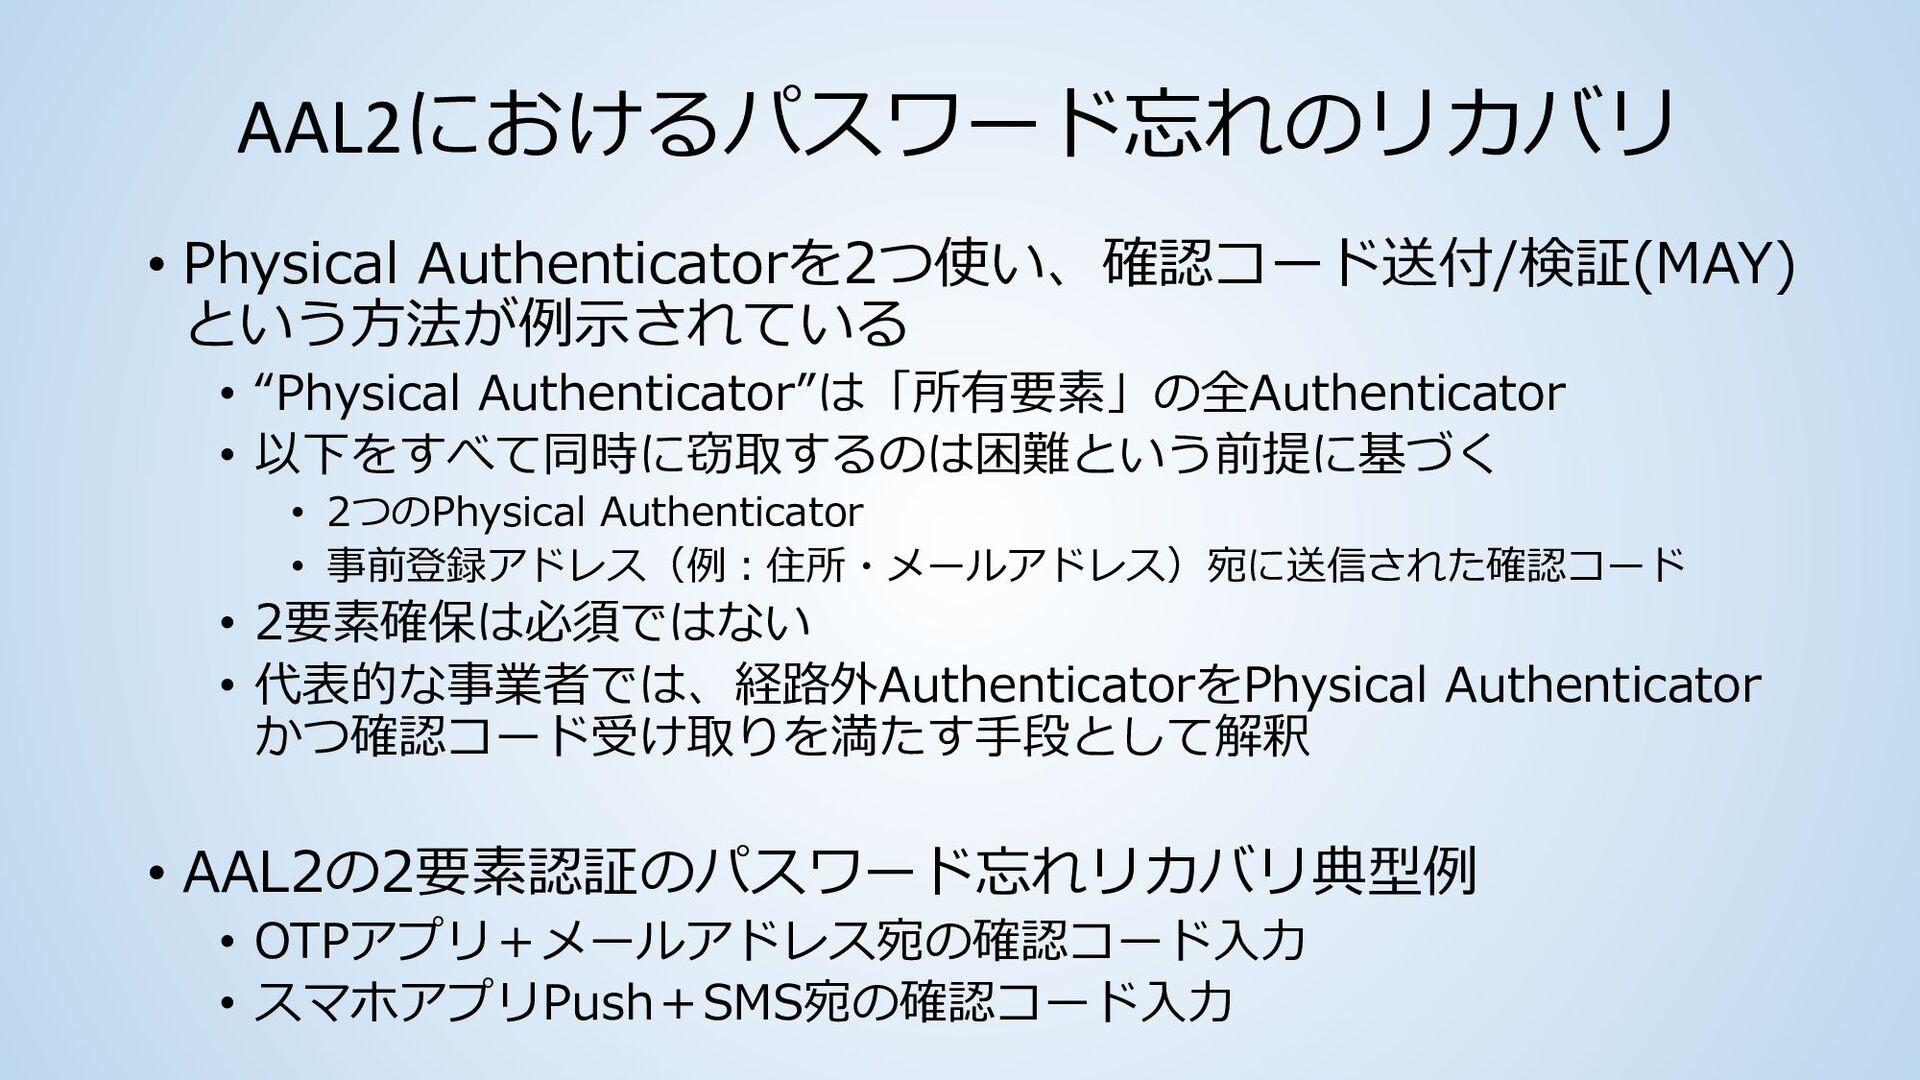 パスワード忘れのリカバリはイレギュラー • Identity Proofing(63A)でも言...